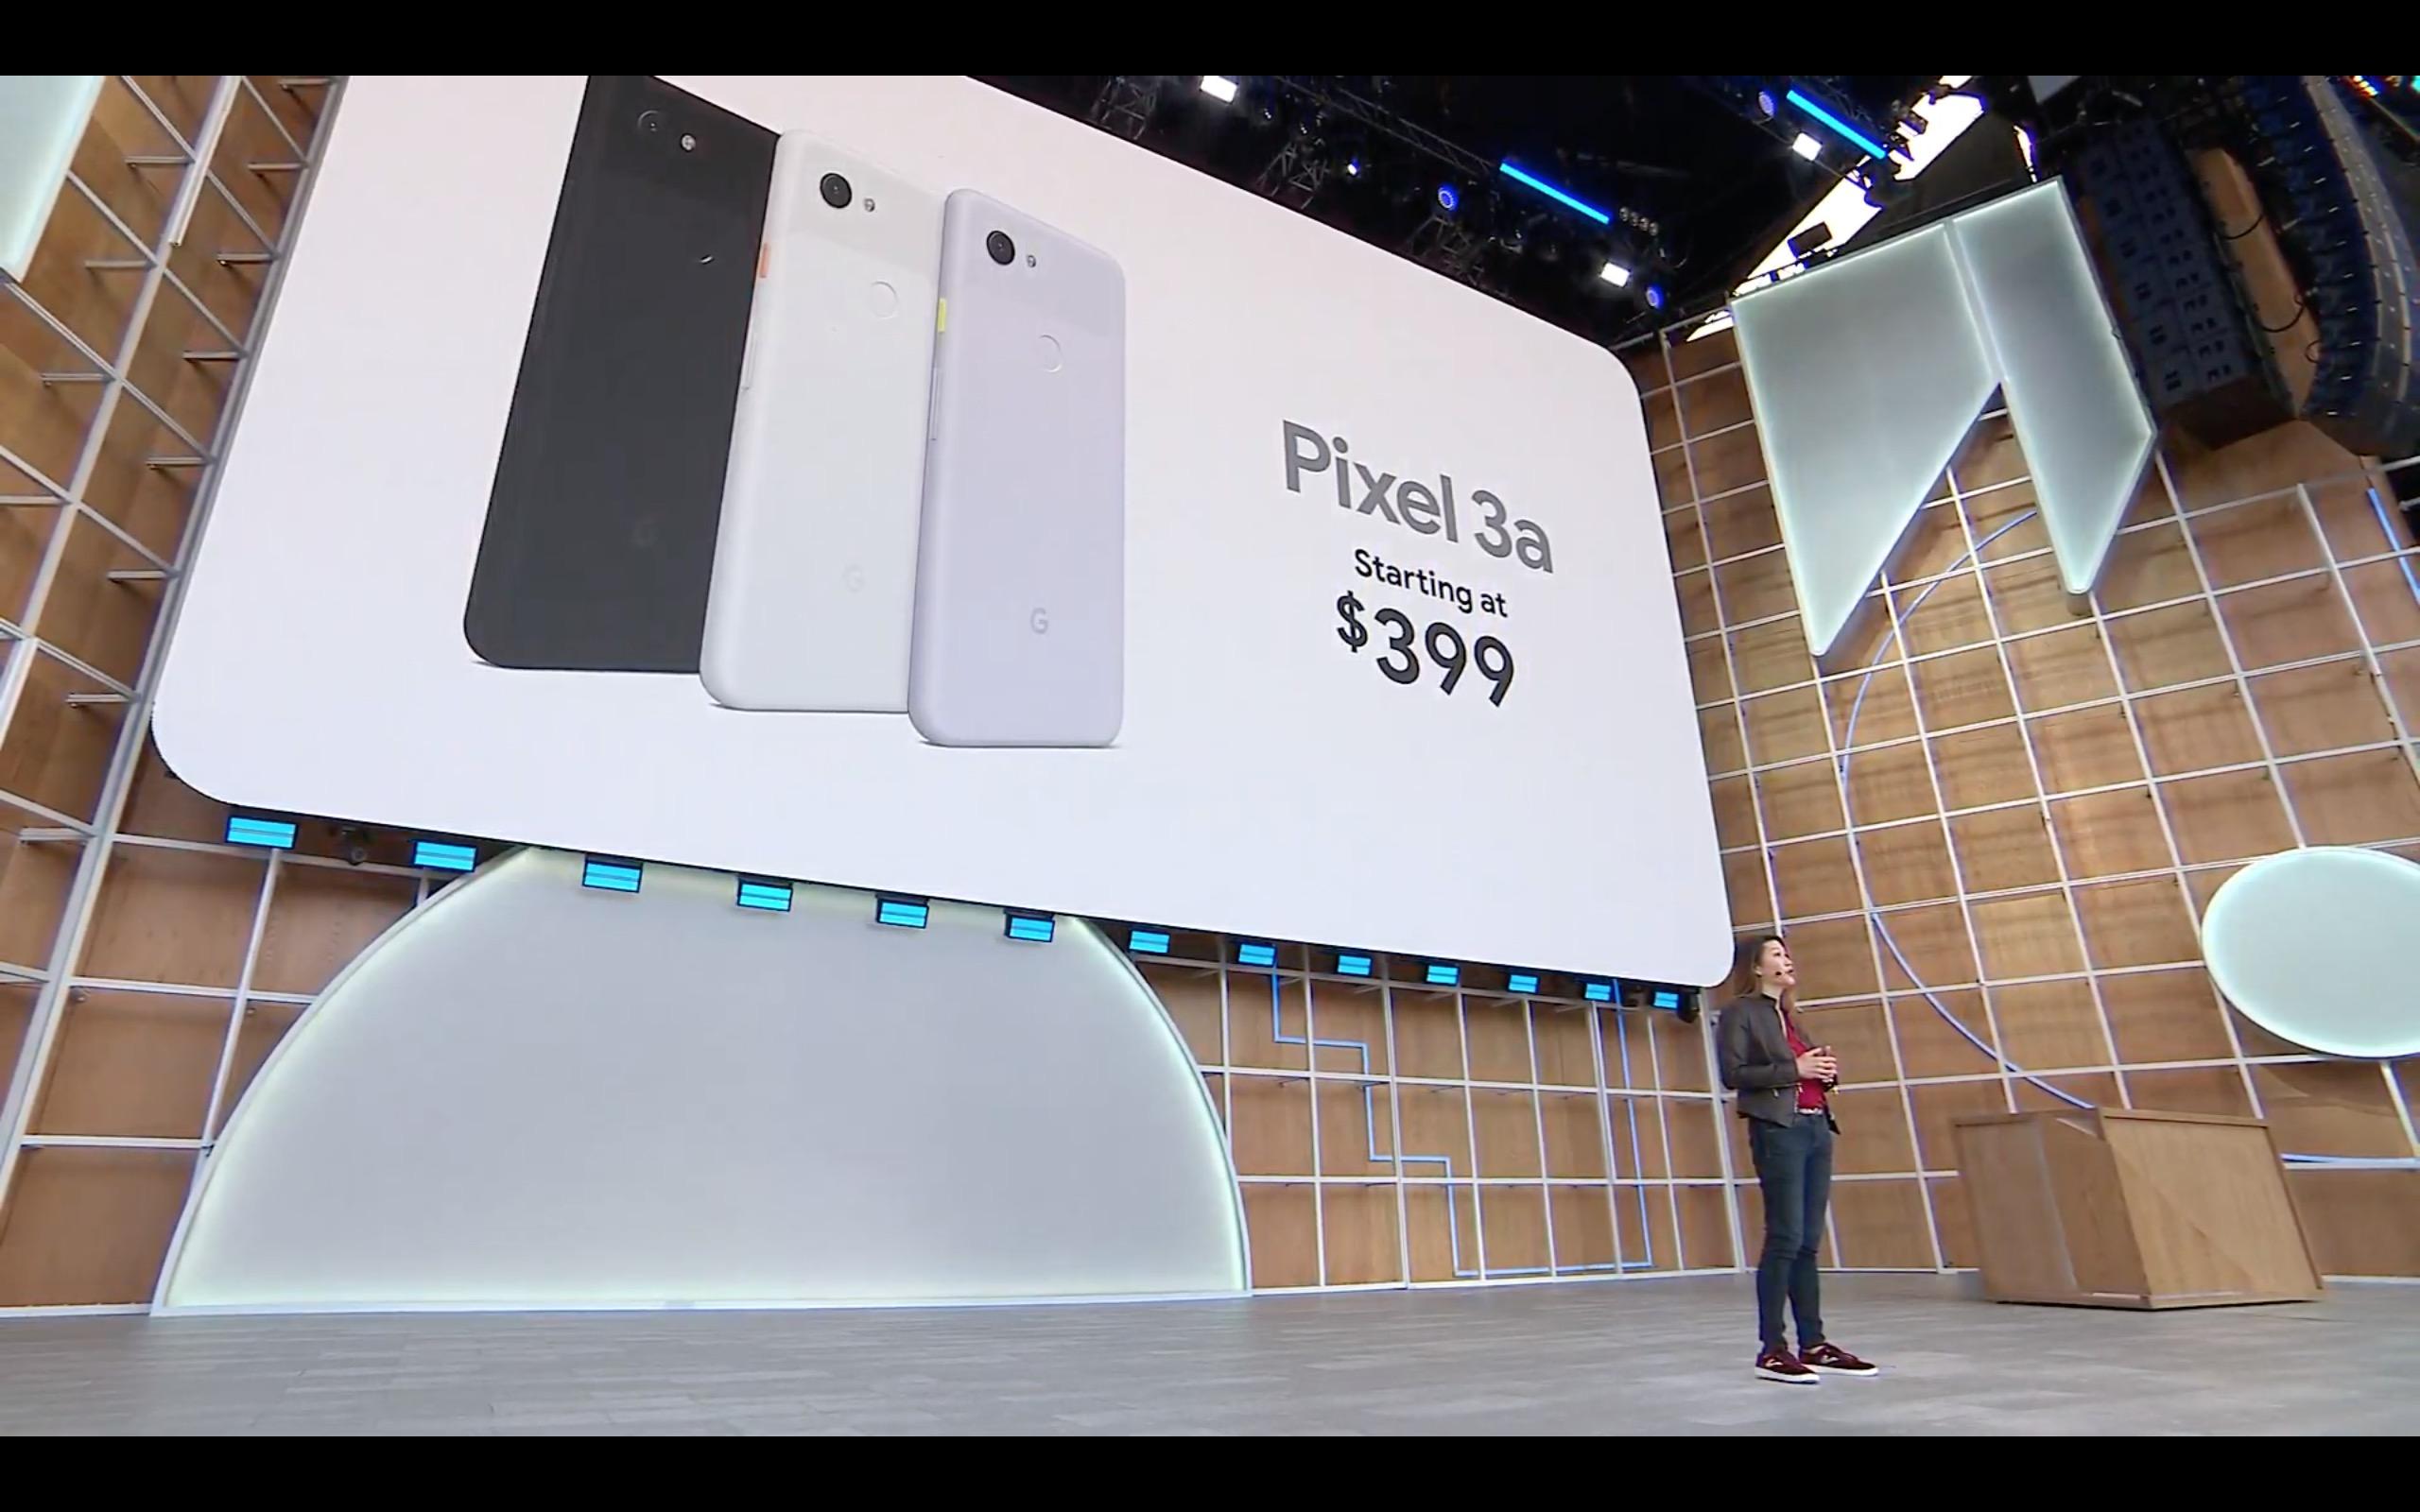 速報:Pixel 3a / 3a XLが発売。価格は4.8万円〜、FeliCa対応、イヤホン端子あり